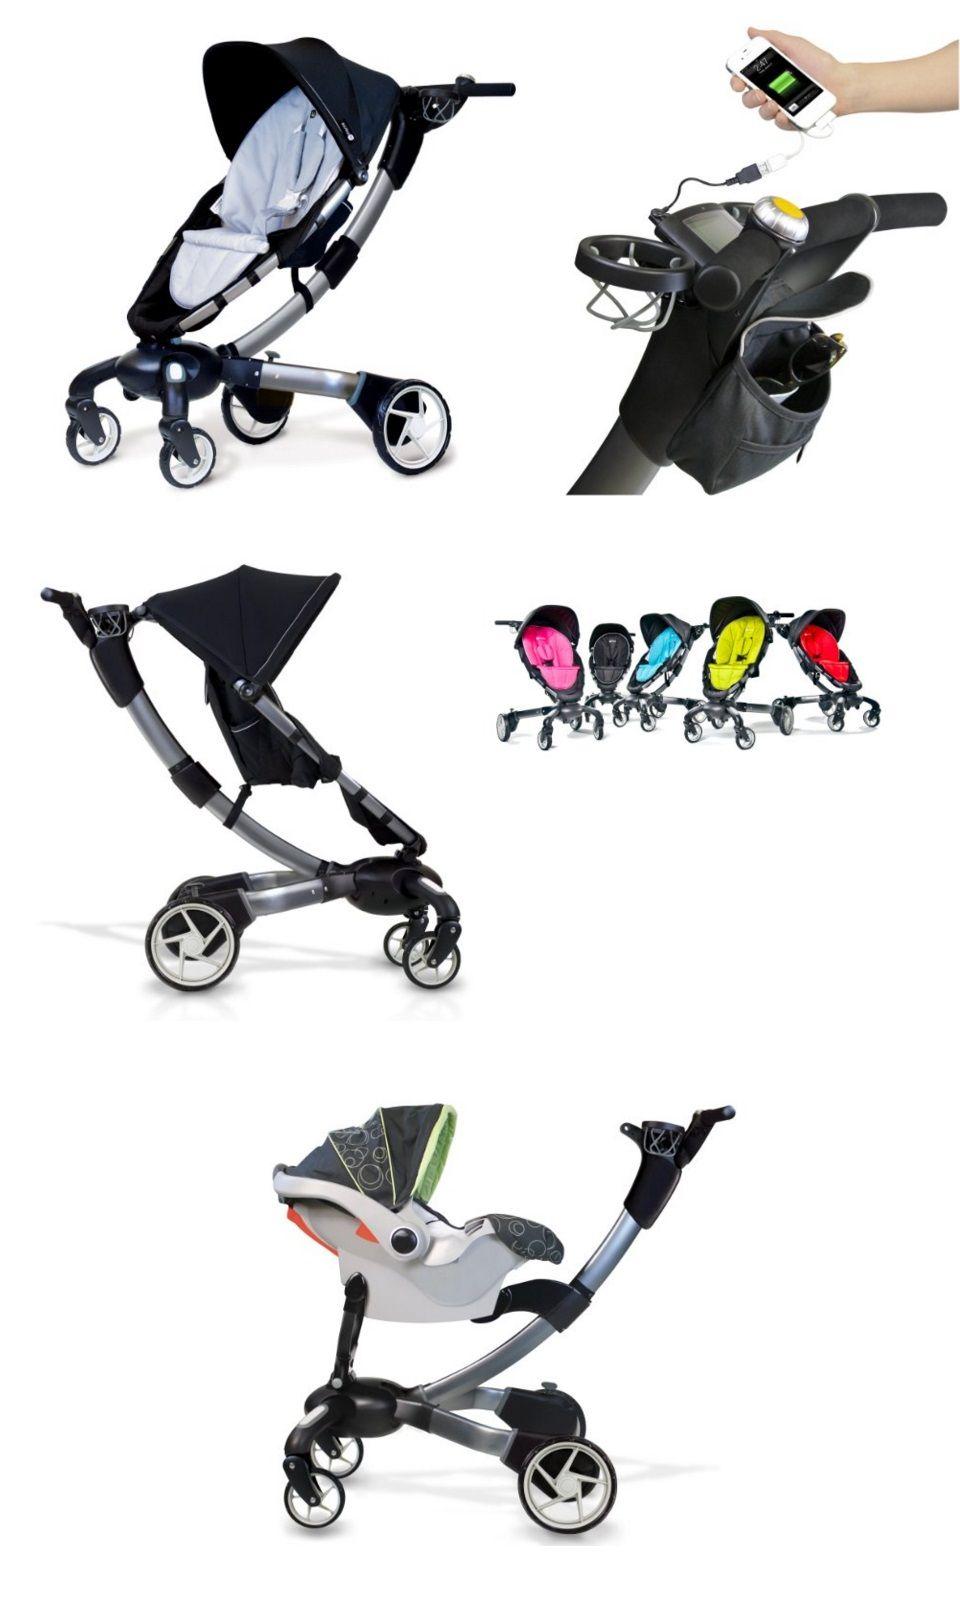 4moms Origami Stroller Power Folds Itself Origami Stroller